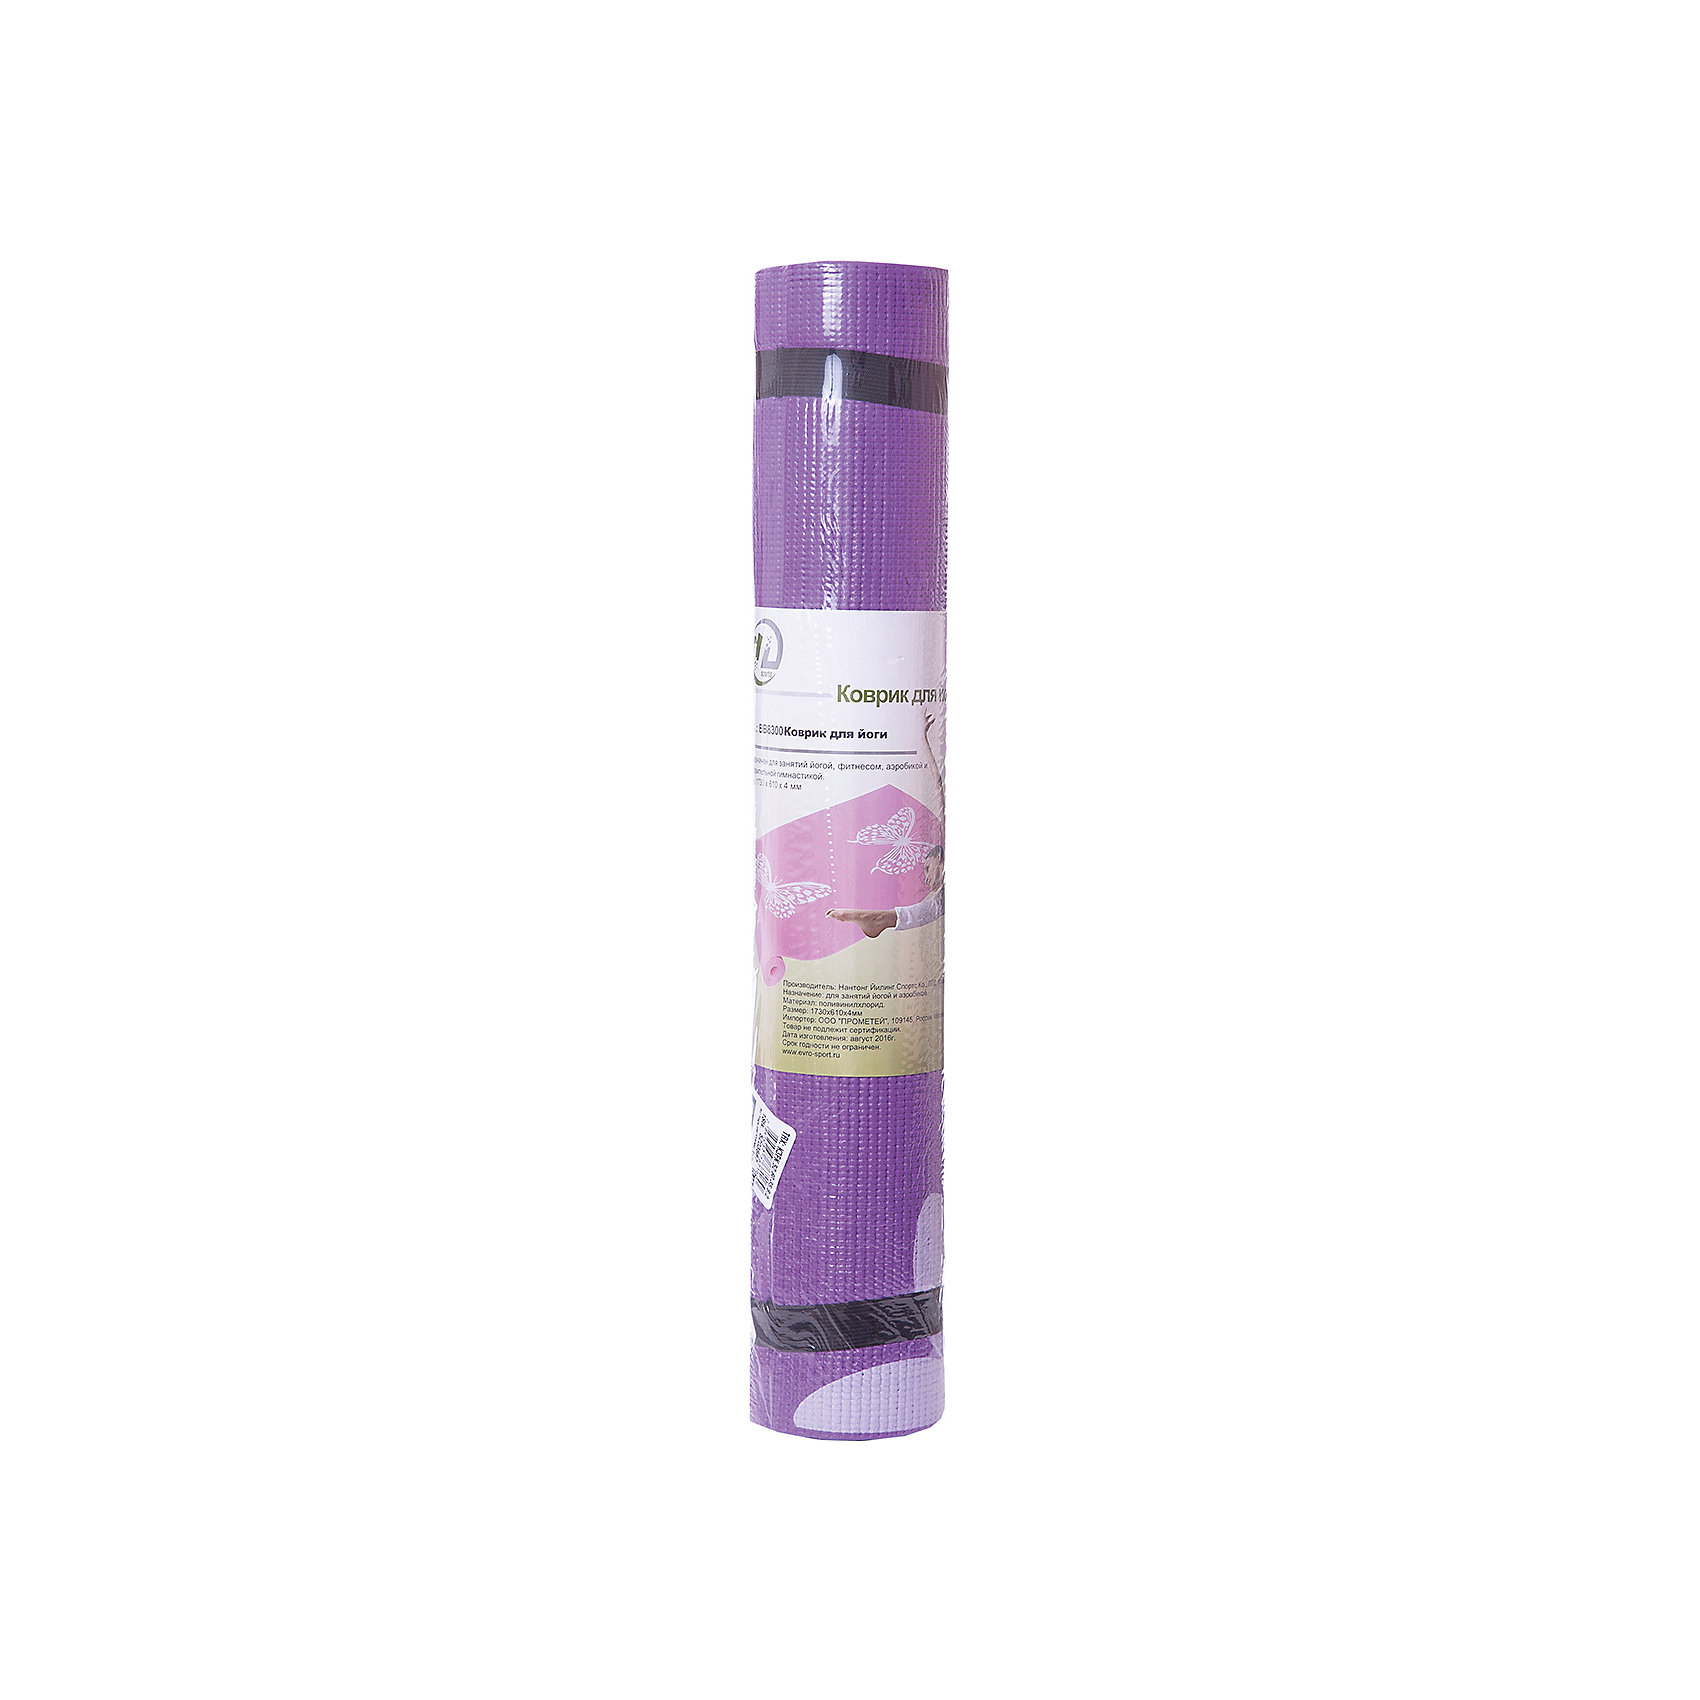 Коврик для йоги  ВВ8300, Z-Sports, фиолетовый с цветамиОсновные характеристики<br><br>Материал: поливинилхлорид<br>Размер: 172х61х0,4см<br>Вес: 0,94кг<br><br>Упаковка: термоусадочная пленка с цветным постером<br><br>Изделие изготовлено из современного материала, мягкого, но одновременно достаточно прочного, способного выдержать сильные механические нагрузки. Коврик без дополнительных приспособлений жестко фиксируется на самой гладкой поверхности, не скользит и приятен на ощупь. Его эстетические параметры вполне соответствуют современным требованиям - на поверхности имеются рисунки. Применяется для занятий йогой, фитнесом и аэробикой как в домашних условиях, так и в спортзалах. <br><br>Преимущества коврика BB8300:<br>- противоскользящая поверхность;<br>- оптимальный размер и вес;<br>- приятный современный дизайн и расцветка;<br>- его легко мыть и хранить, скатав в рулон.<br><br>Ширина мм: 100<br>Глубина мм: 100<br>Высота мм: 610<br>Вес г: 1000<br>Возраст от месяцев: 36<br>Возраст до месяцев: 192<br>Пол: Унисекс<br>Возраст: Детский<br>SKU: 5203667